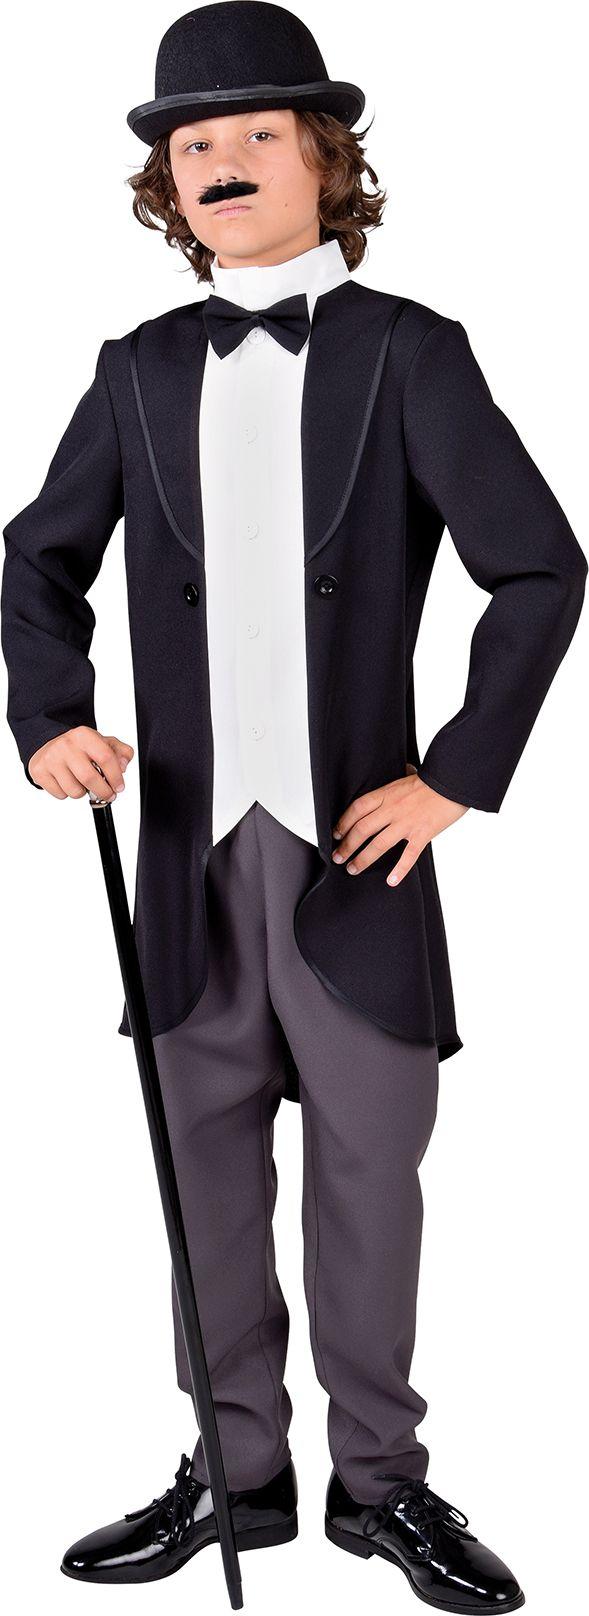 Charly Chaplin kostuum jongens